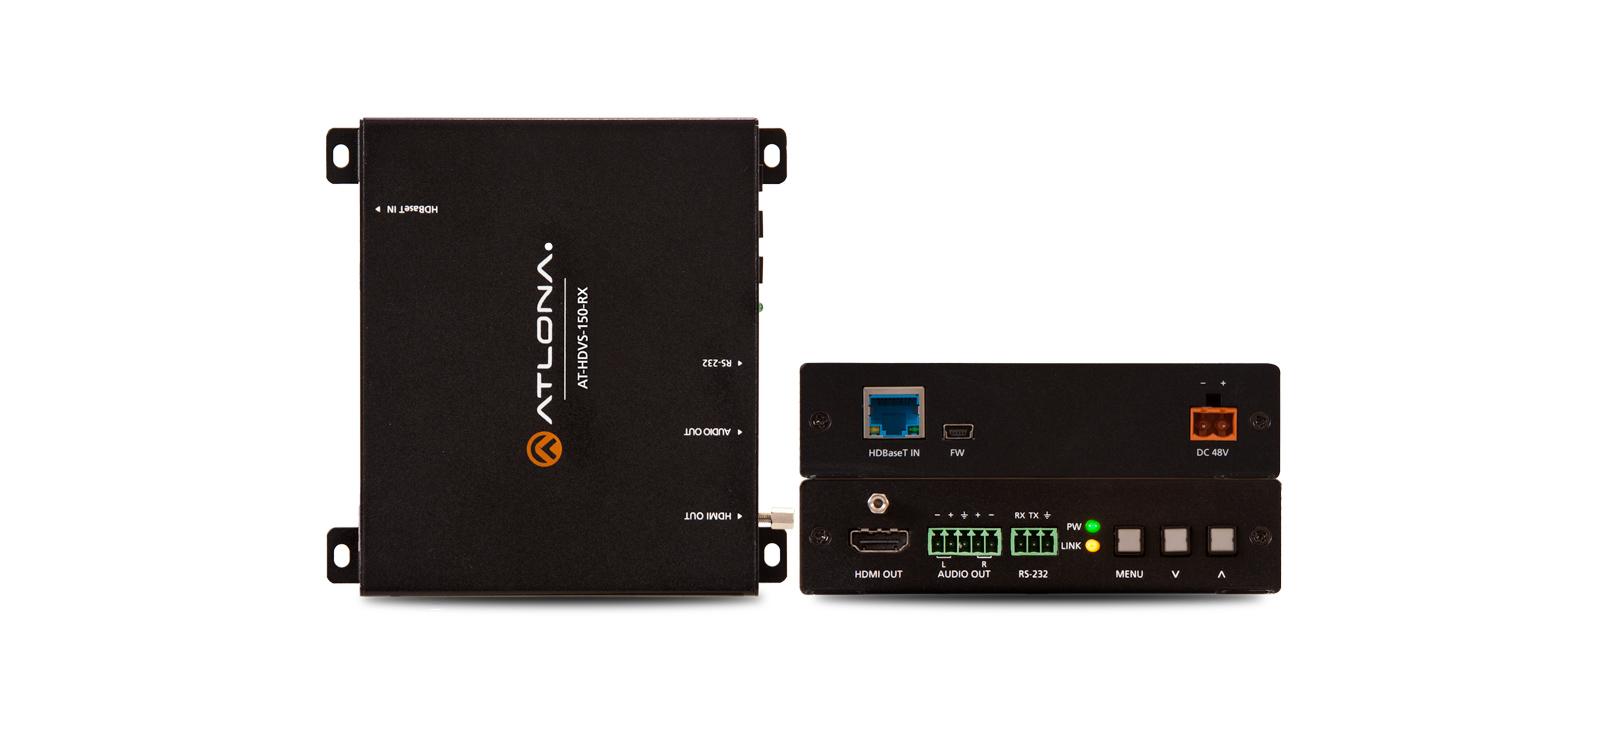 Atlona AT-HDVS-150-RX